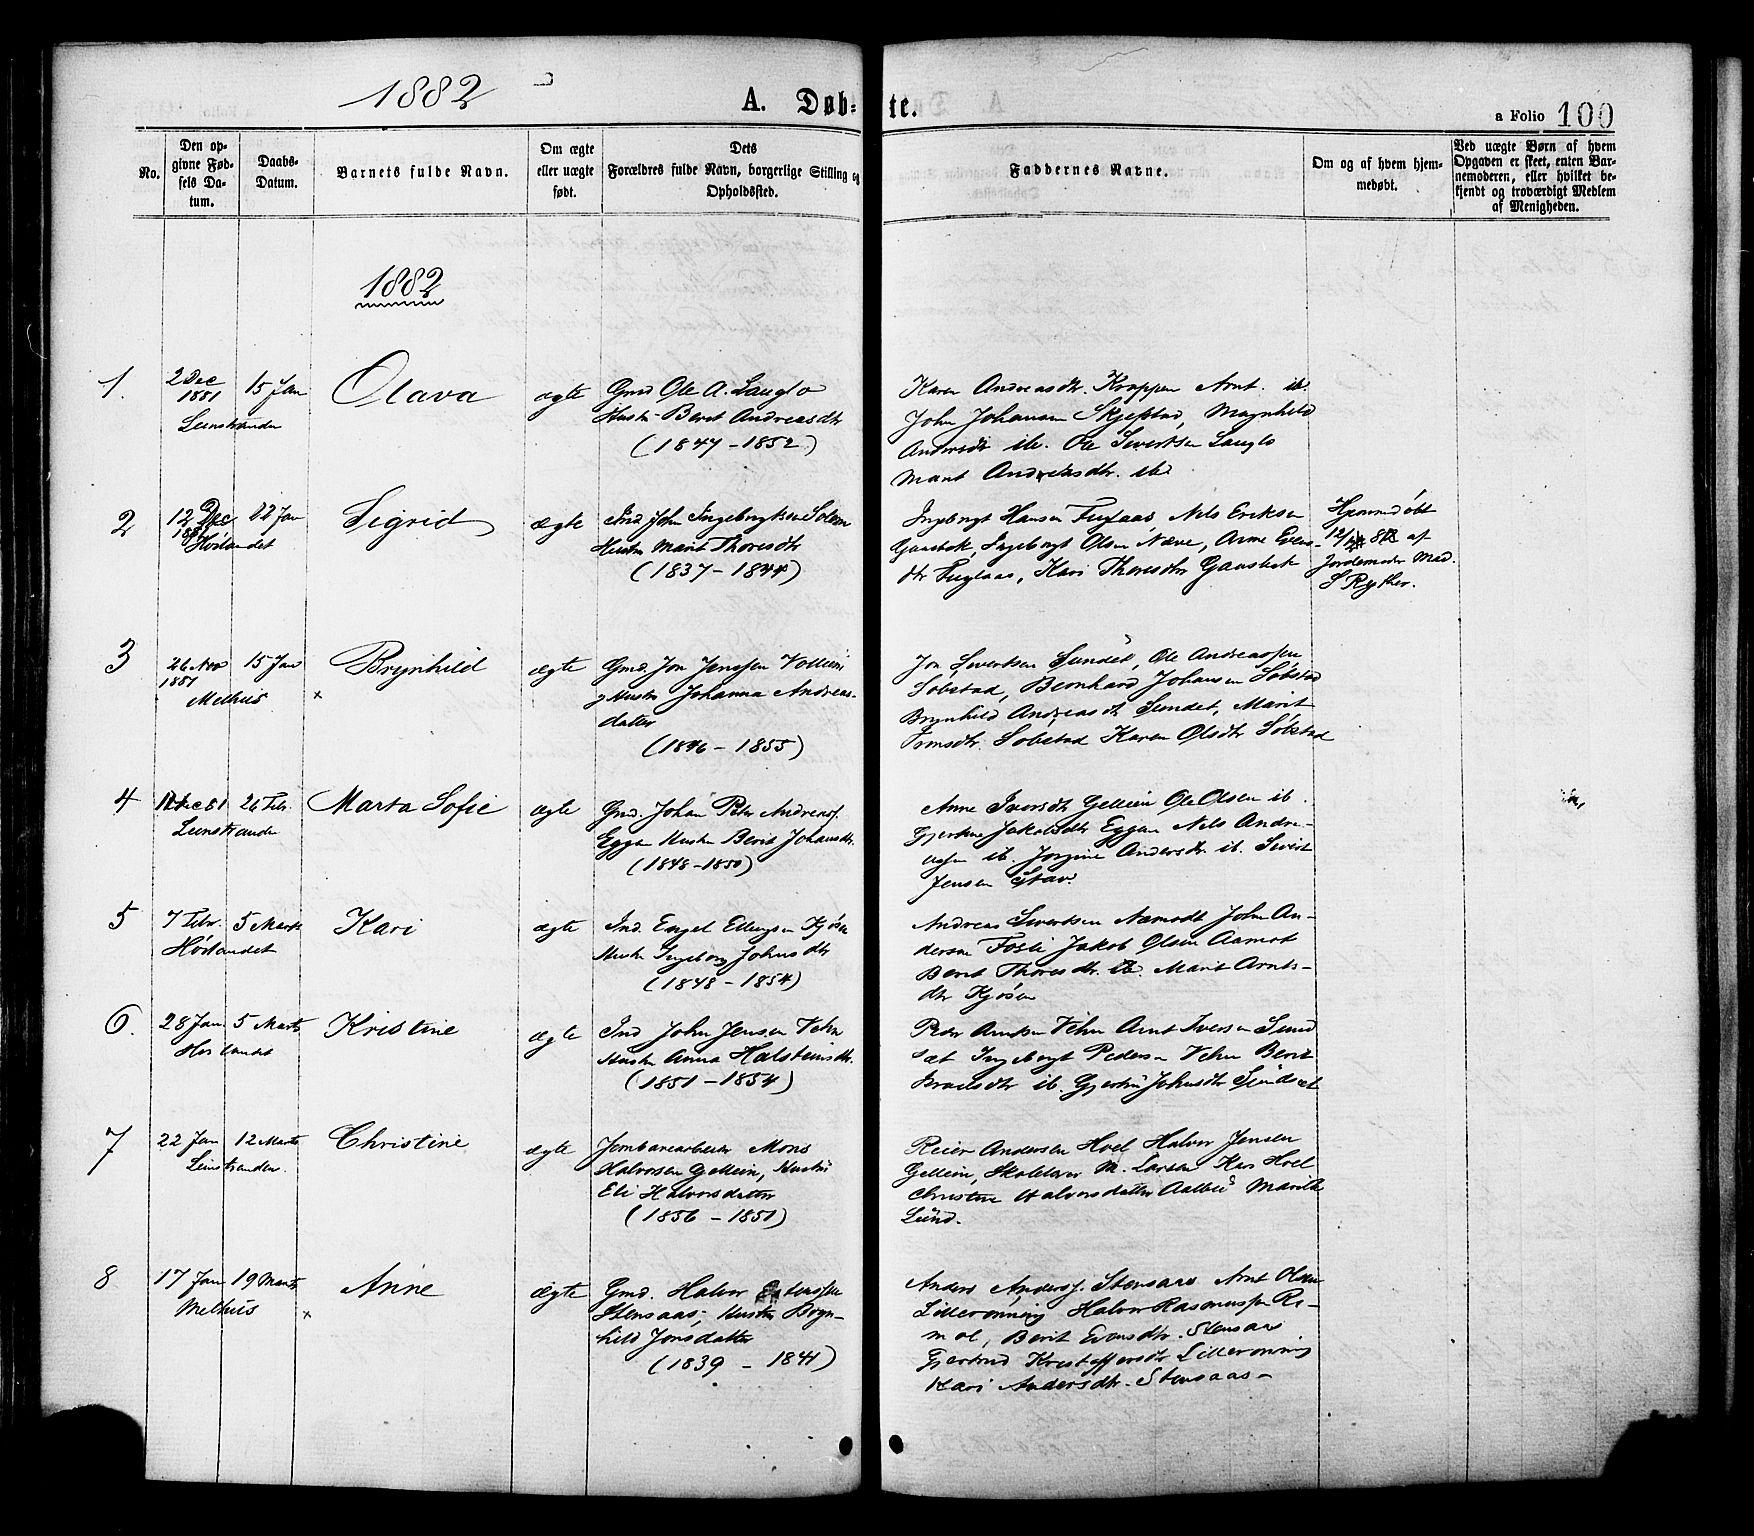 SAT, Ministerialprotokoller, klokkerbøker og fødselsregistre - Sør-Trøndelag, 691/L1079: Ministerialbok nr. 691A11, 1873-1886, s. 100